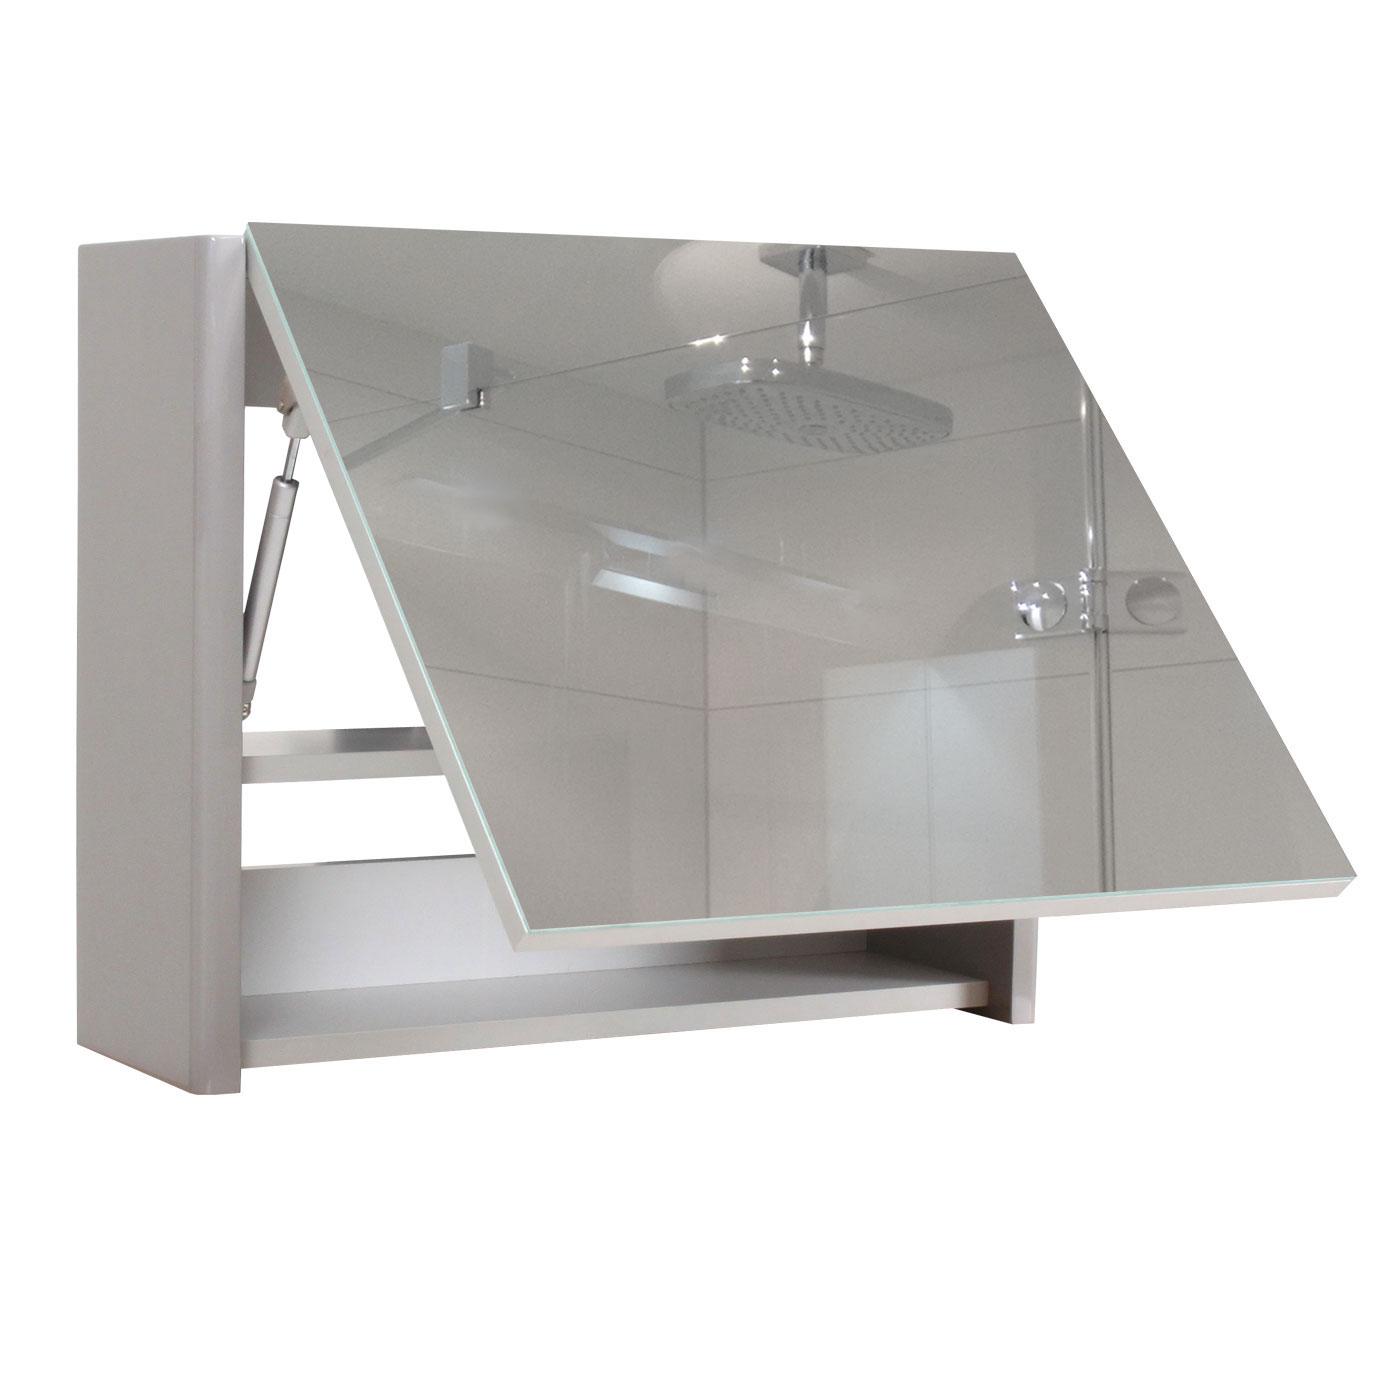 spiegelschrank hwc b19 wandspiegel badspiegel badezimmer aufklappbar hochglanz 48x59cm grau. Black Bedroom Furniture Sets. Home Design Ideas